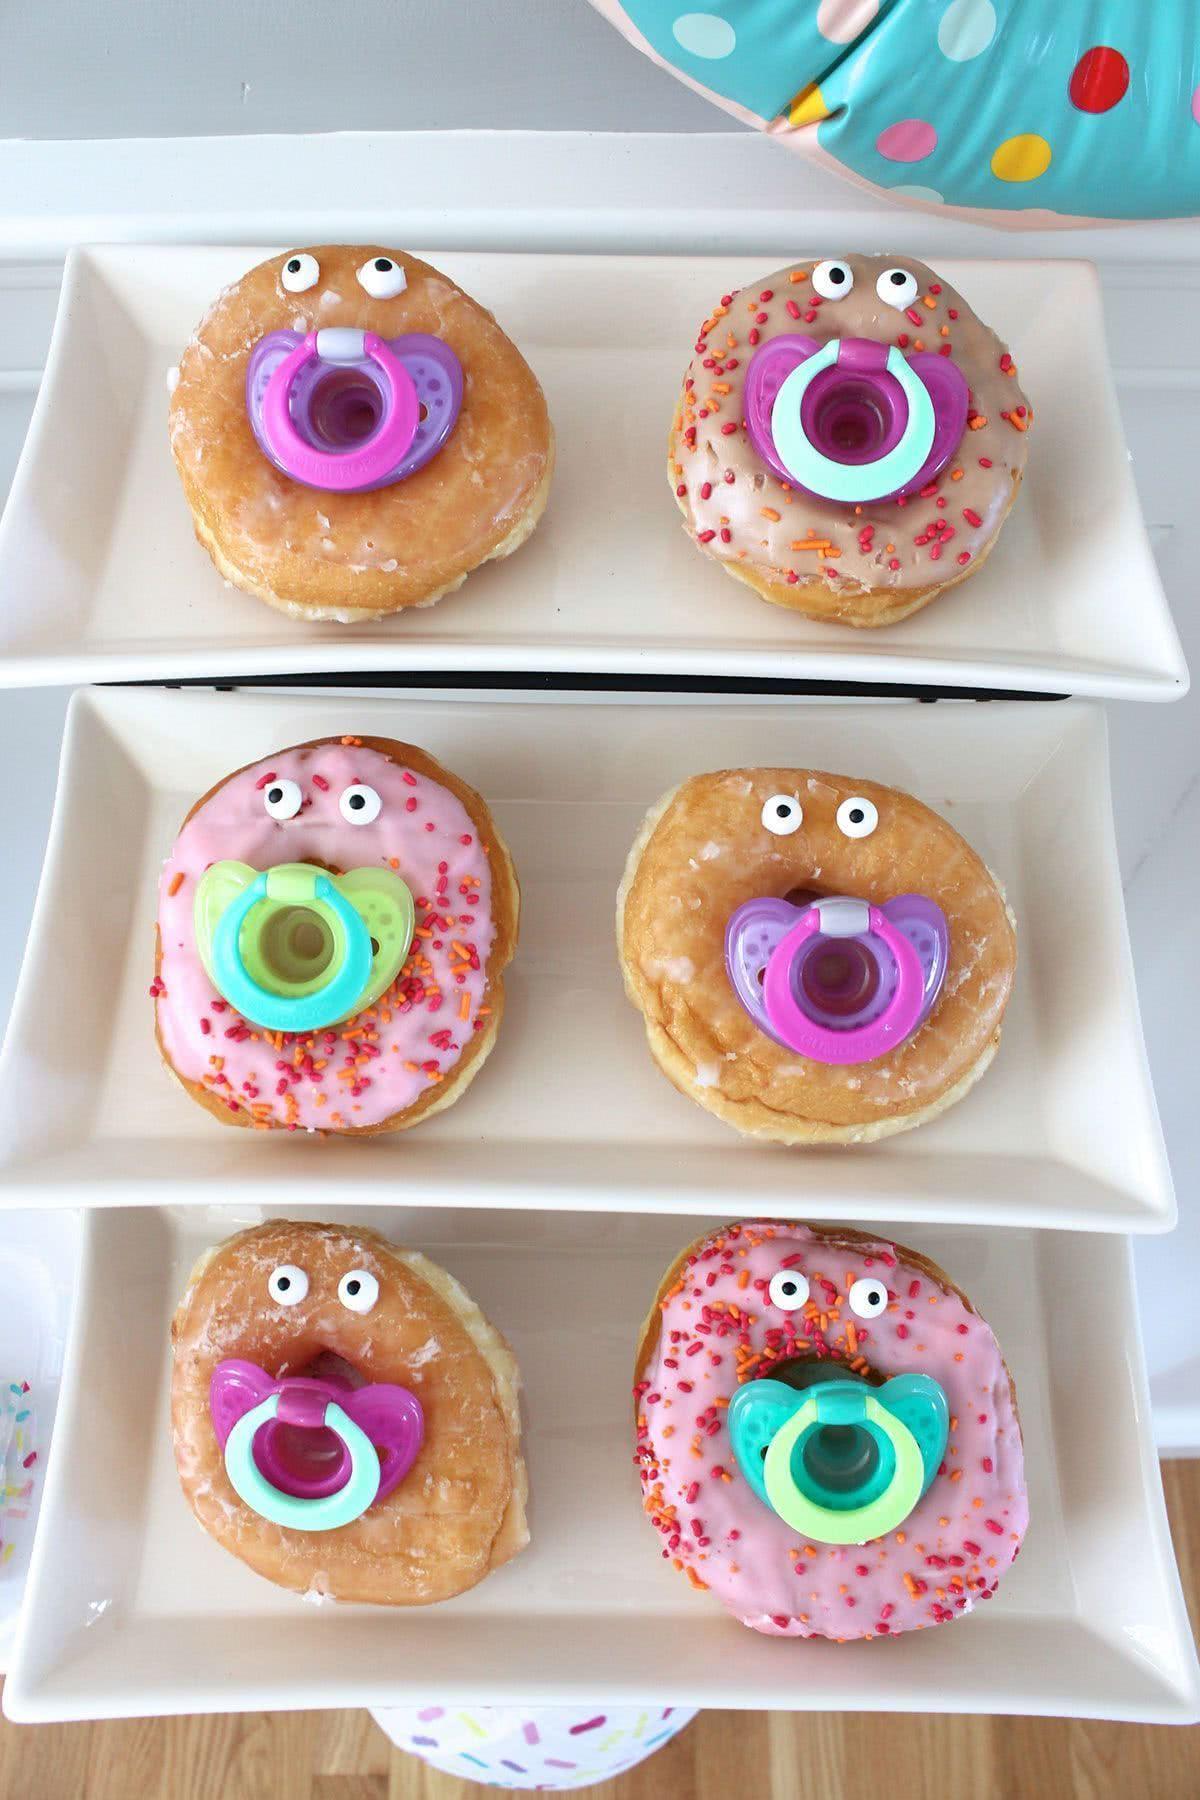 Donuts divertidos com chupetas. O bom humor é fundamental em qualquer festa